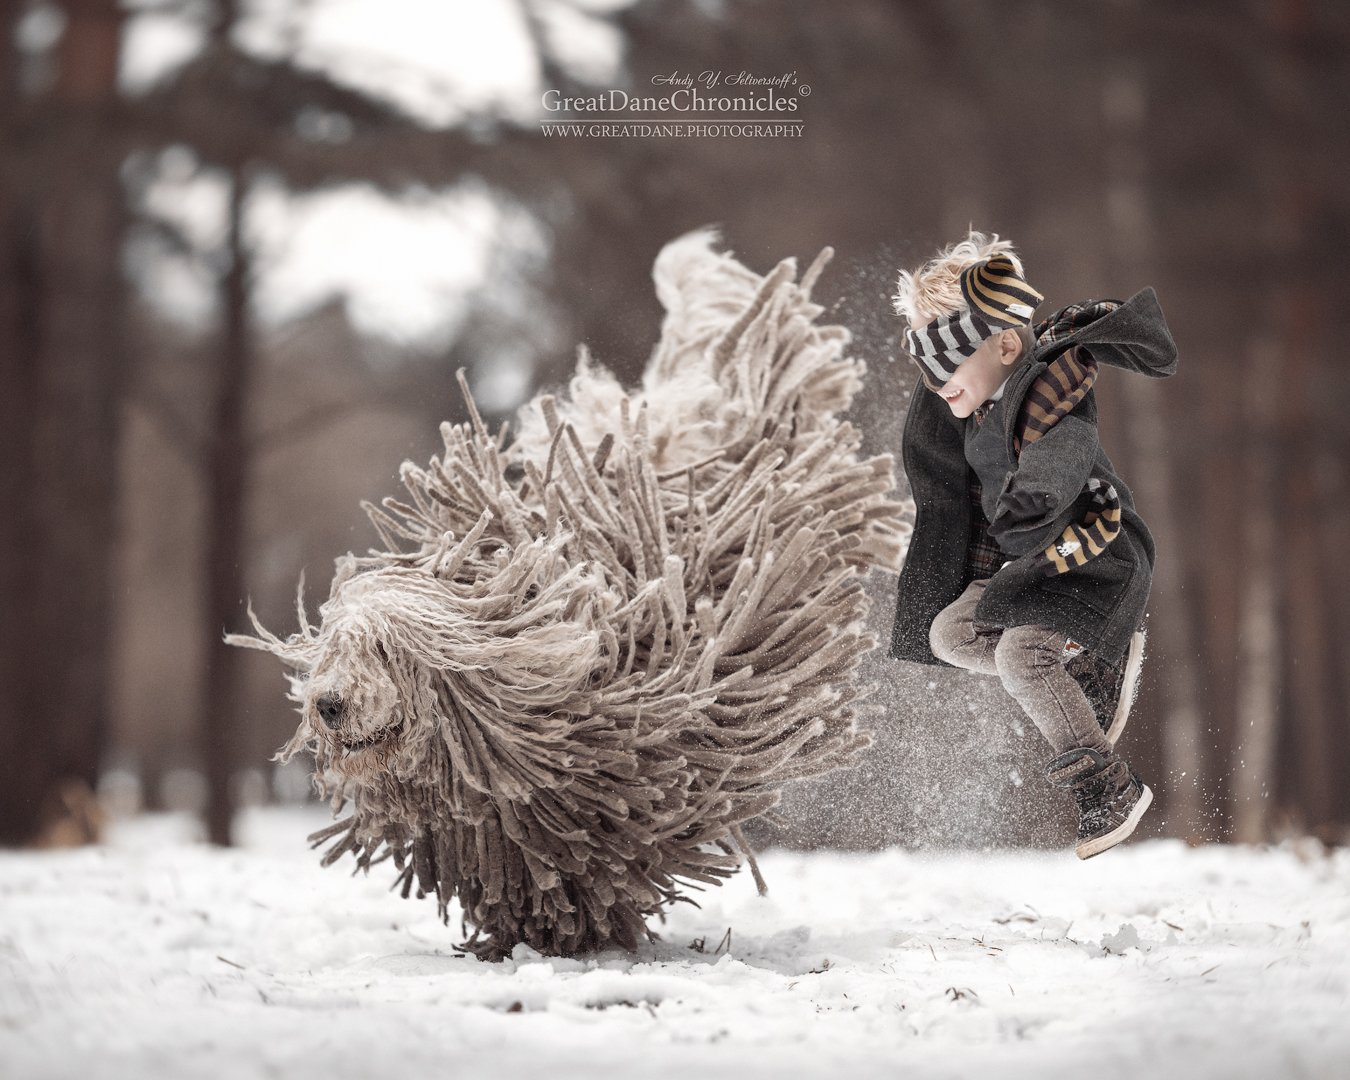 комондор, венгерская овчарка, собака, зима, полет, прыжки, Андрей Селиверстов